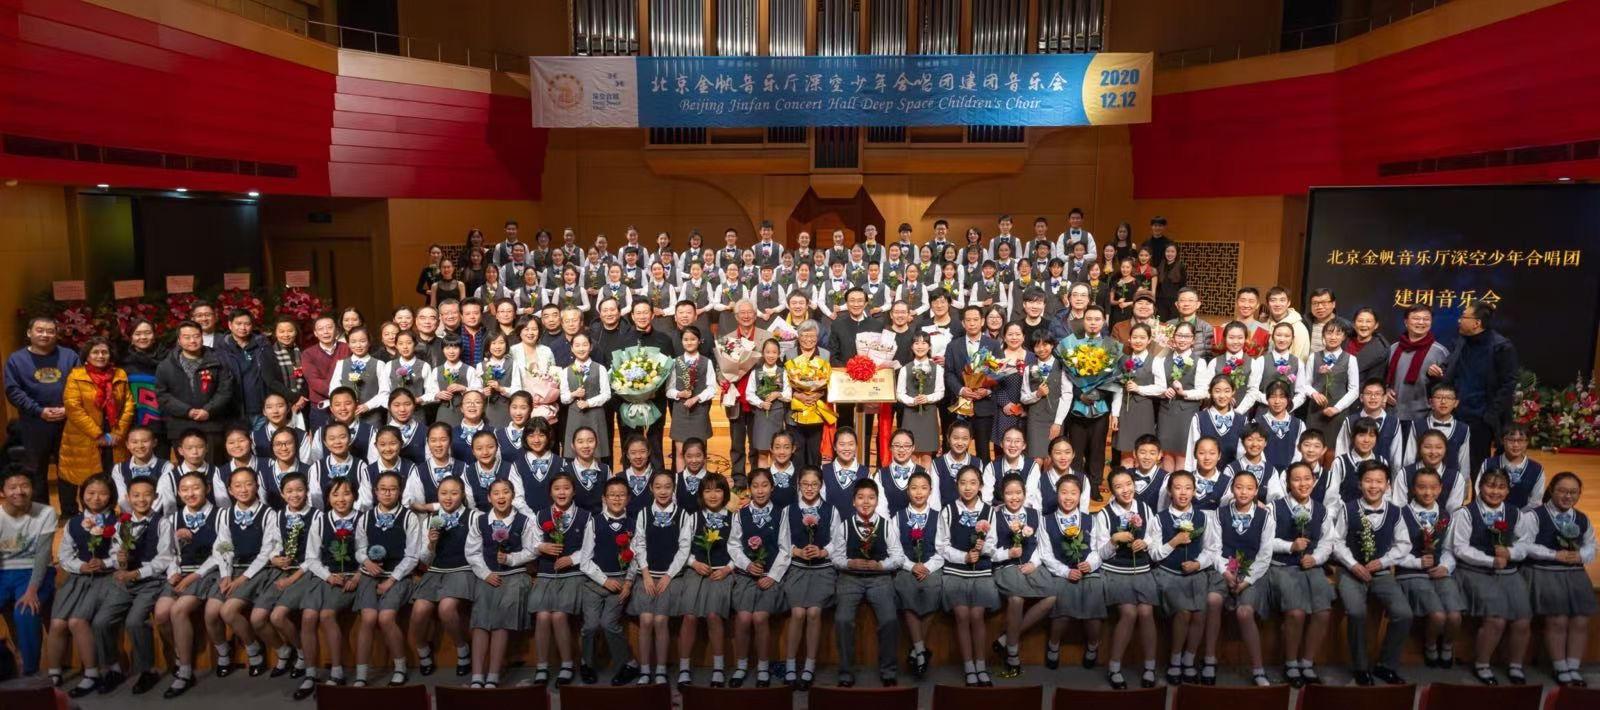 Beijing Deep Space Children's Choir (China)